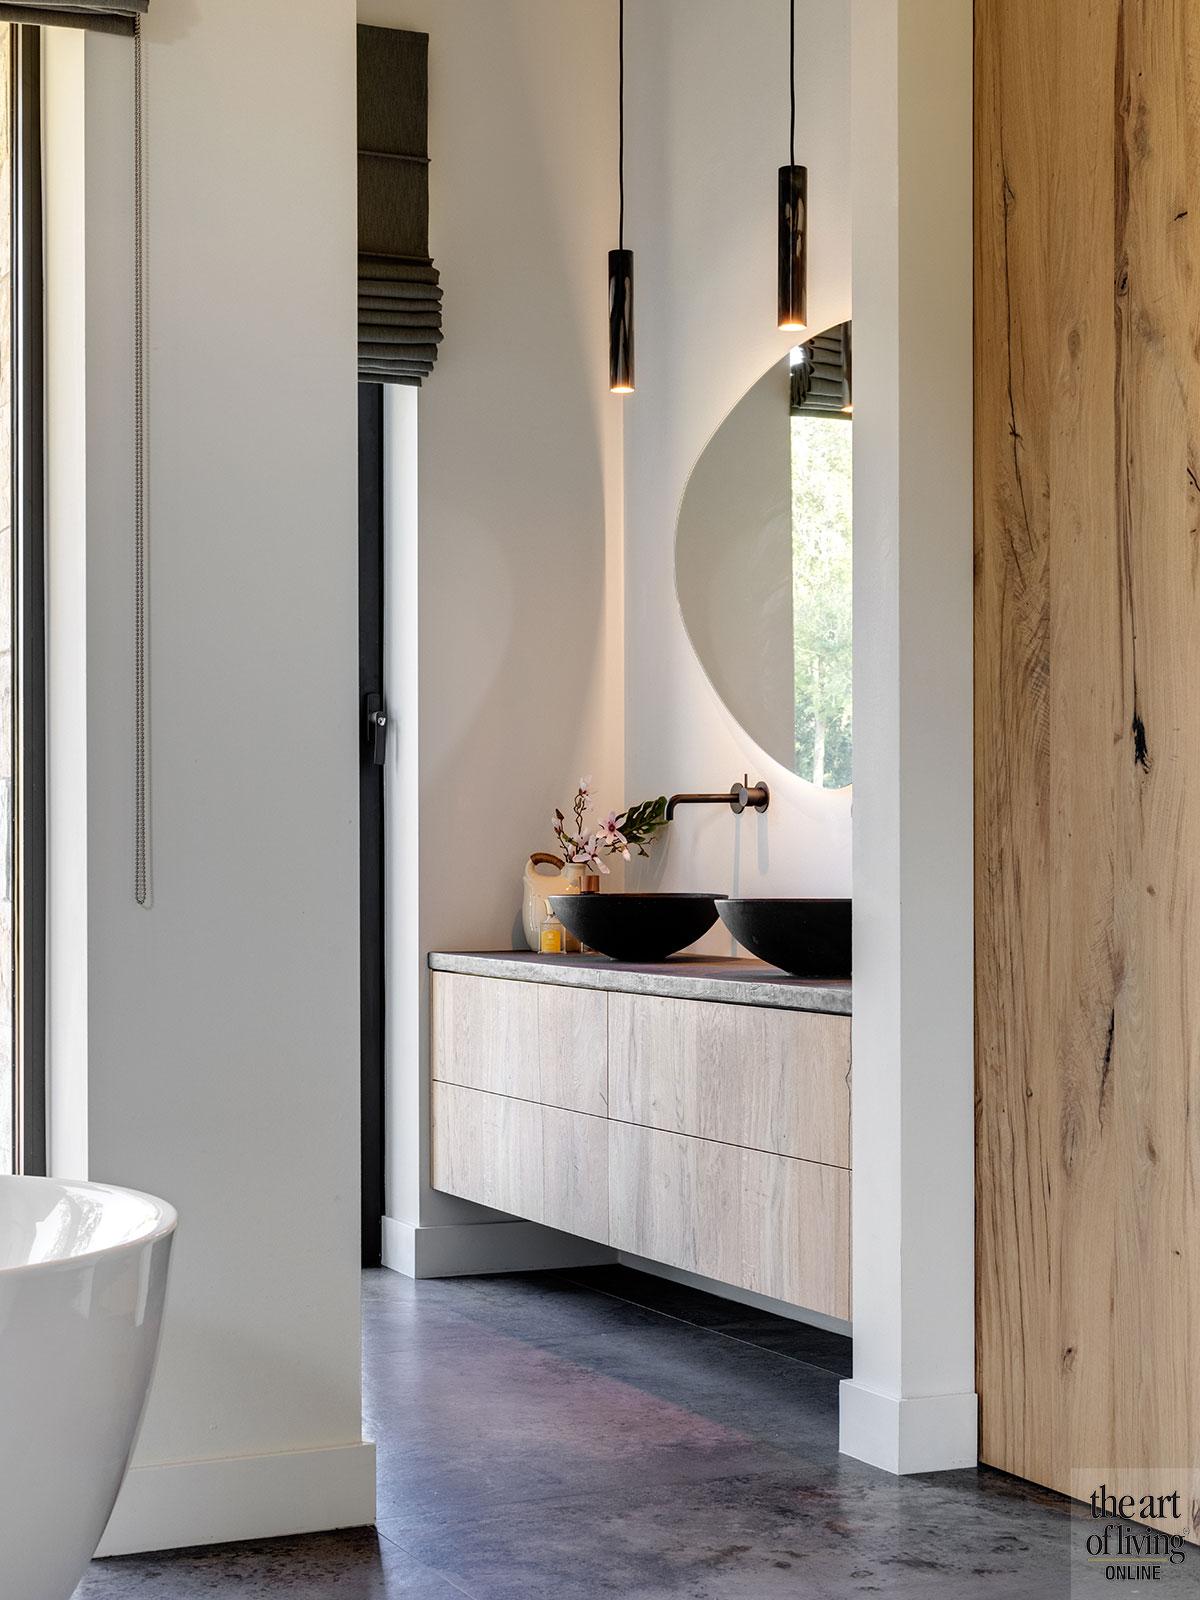 bungalow  Vloeren Exclusief-Gulpen, the art of living